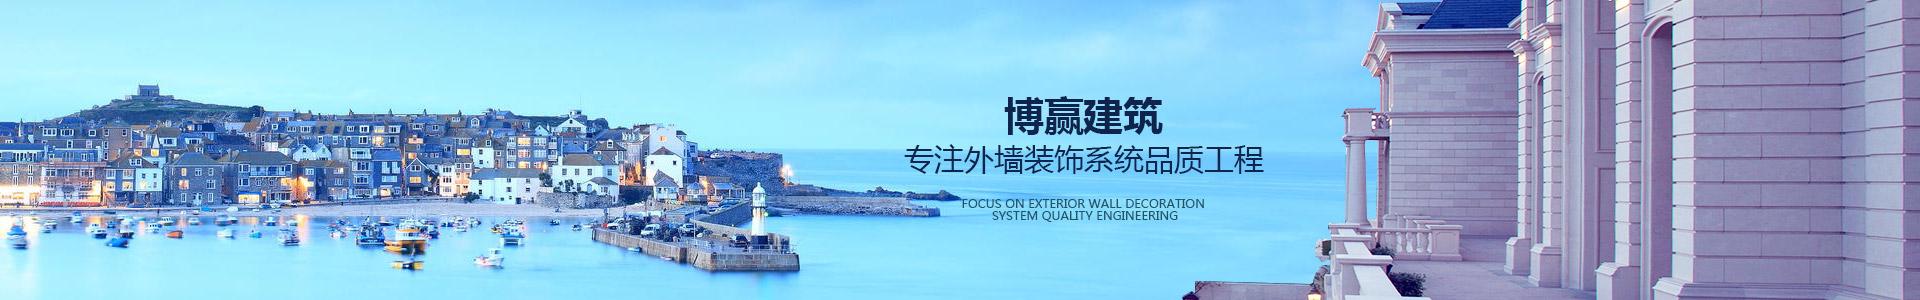 博赢建筑,专注外墙装饰系统品质工程